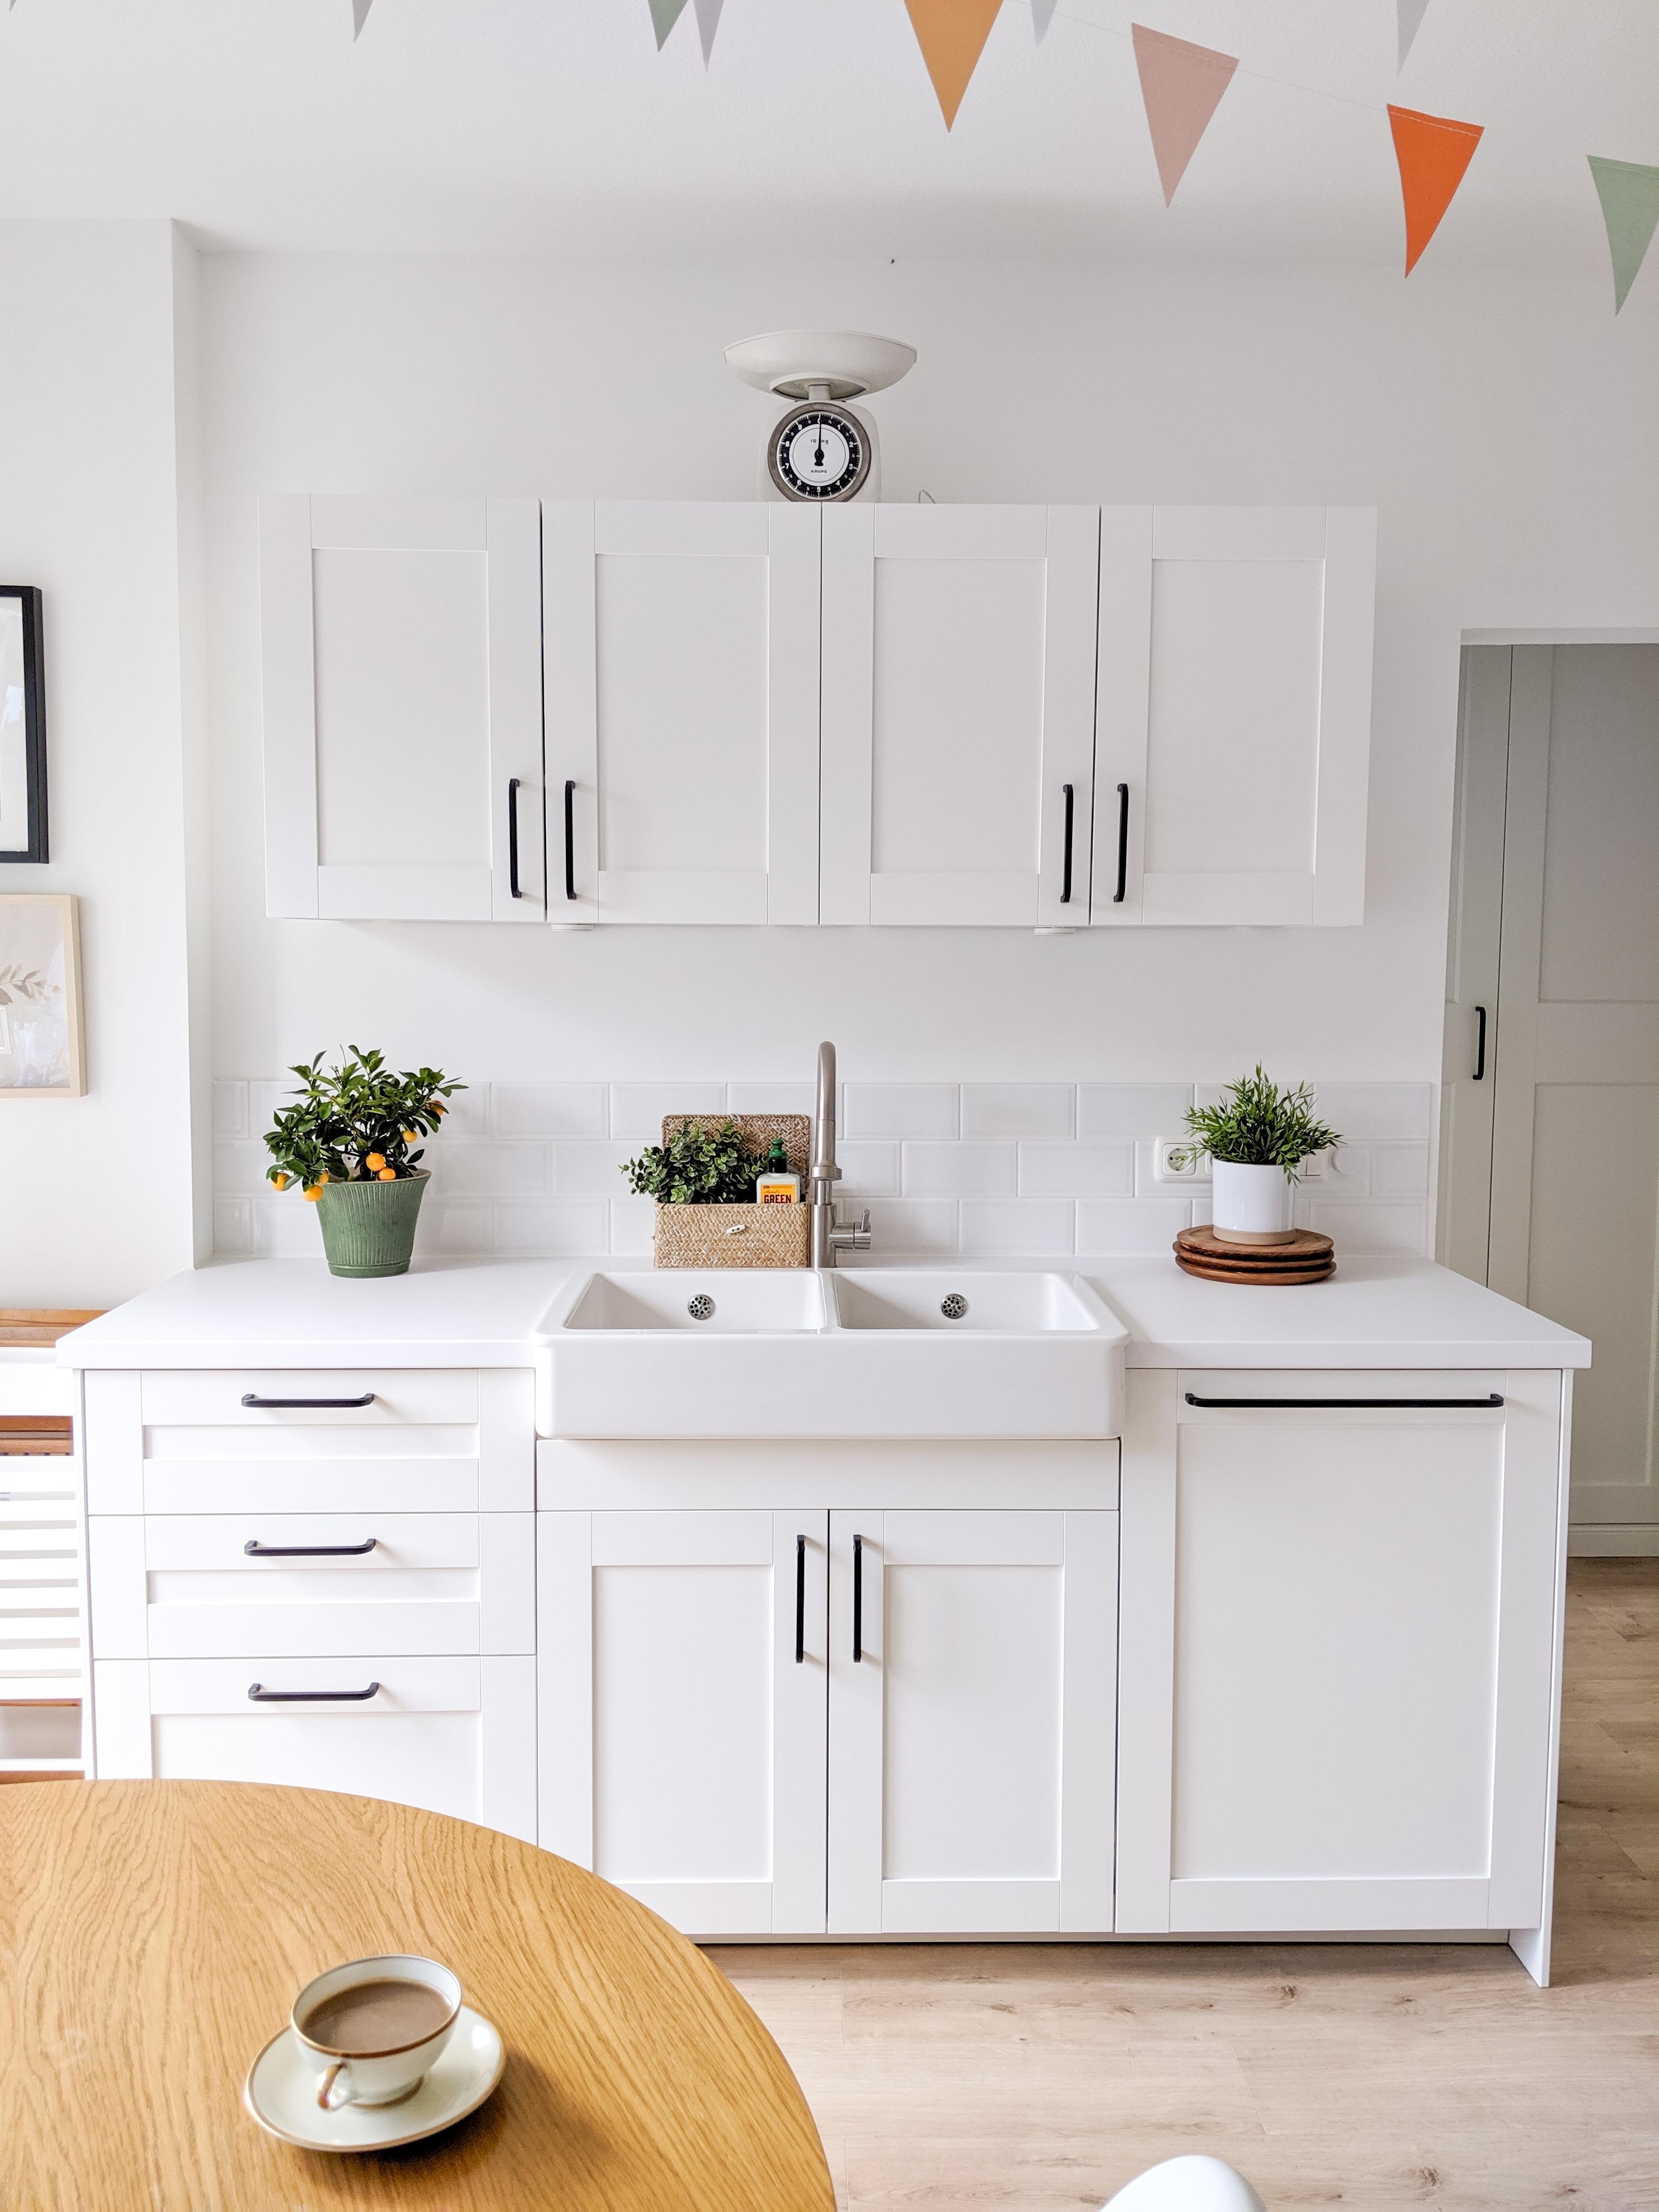 Ikeaküche • Bilder & Ideen • COUCH